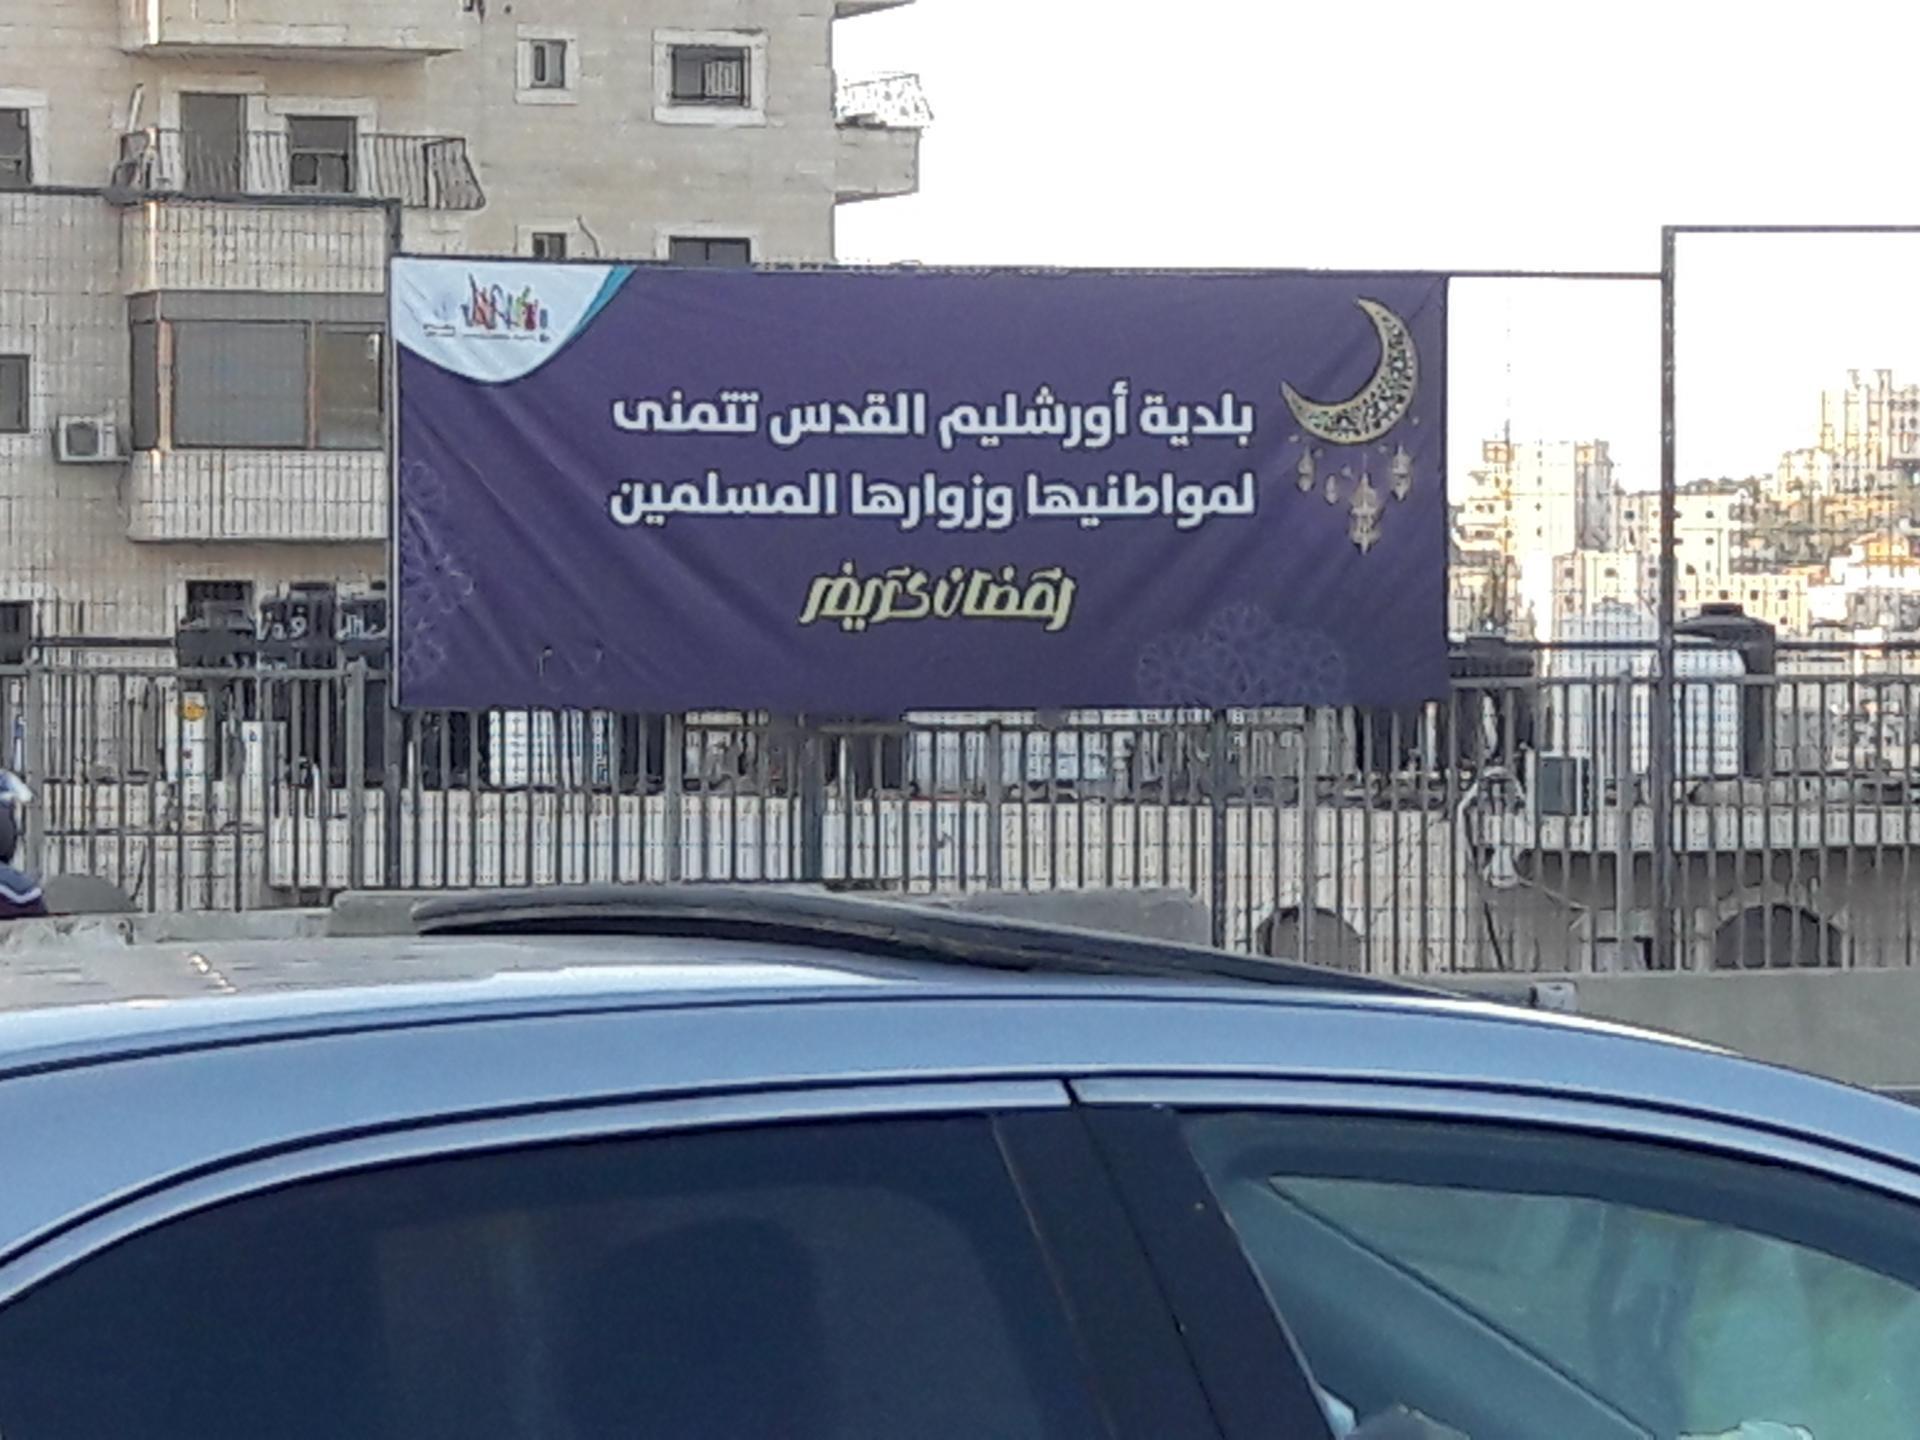 שלט ברכה לרמדאן מטעם עיריית ירושלים